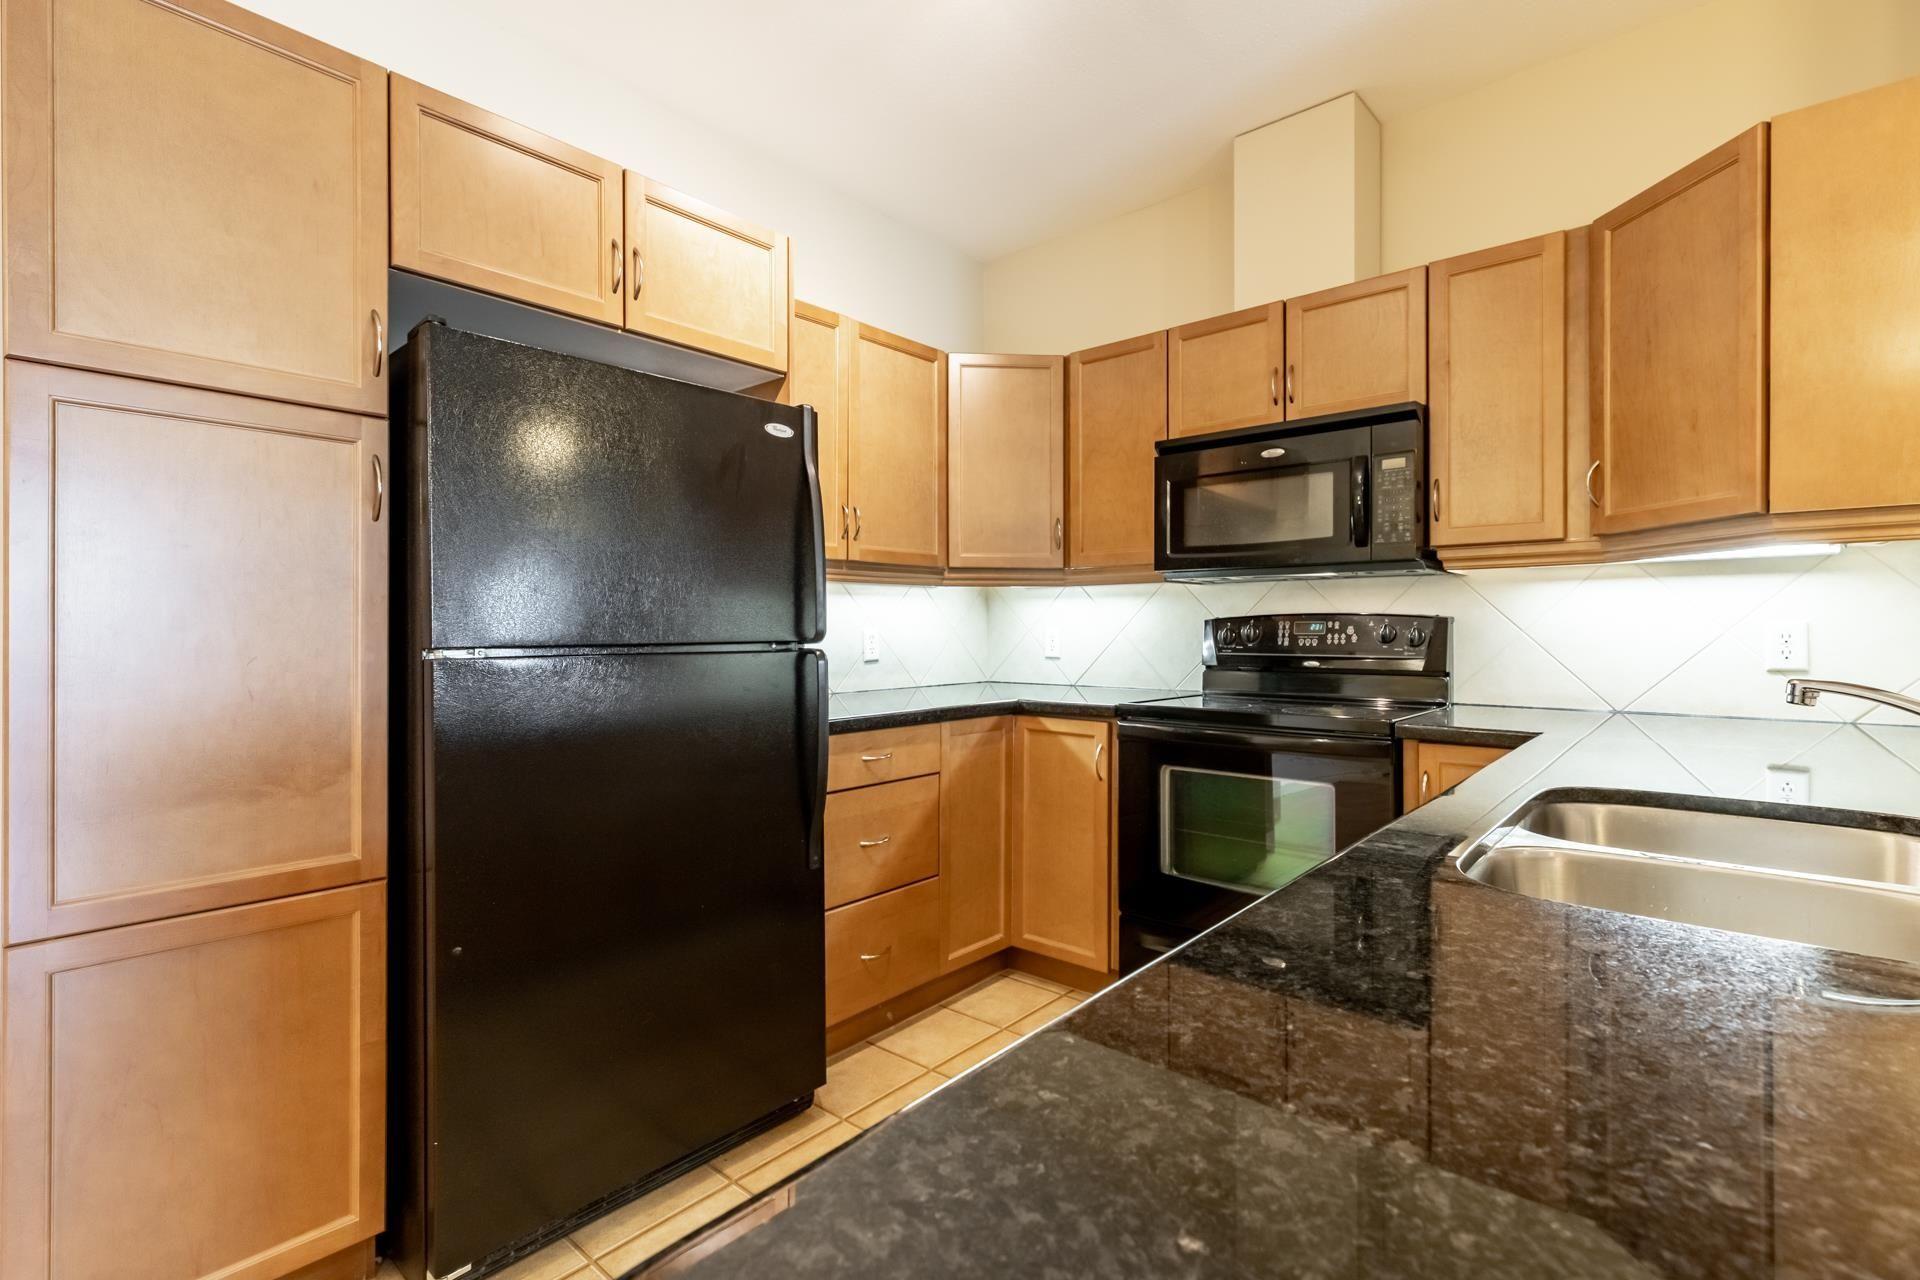 Main Photo: 225 2503 HANNA Crescent in Edmonton: Zone 14 Condo for sale : MLS®# E4265155